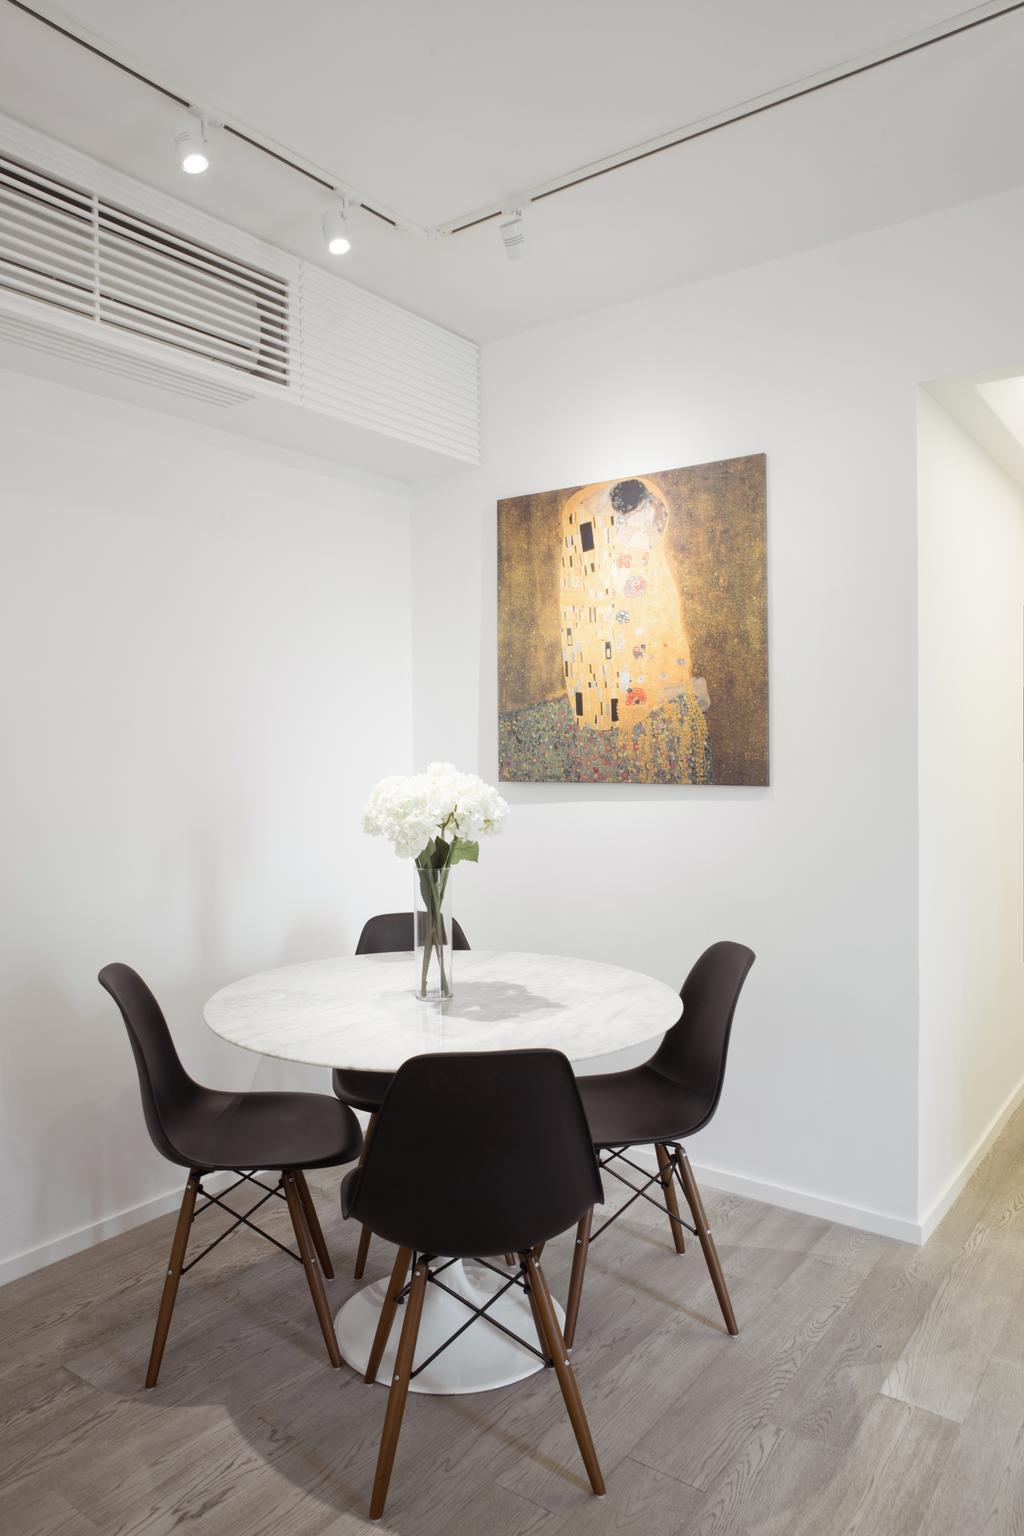 簡約, 私家樓, 飯廳, 維港灣, 室內設計師, in Him's Interior Design, 北歐, Chair, Furniture, Indoors, Interior Design, Room